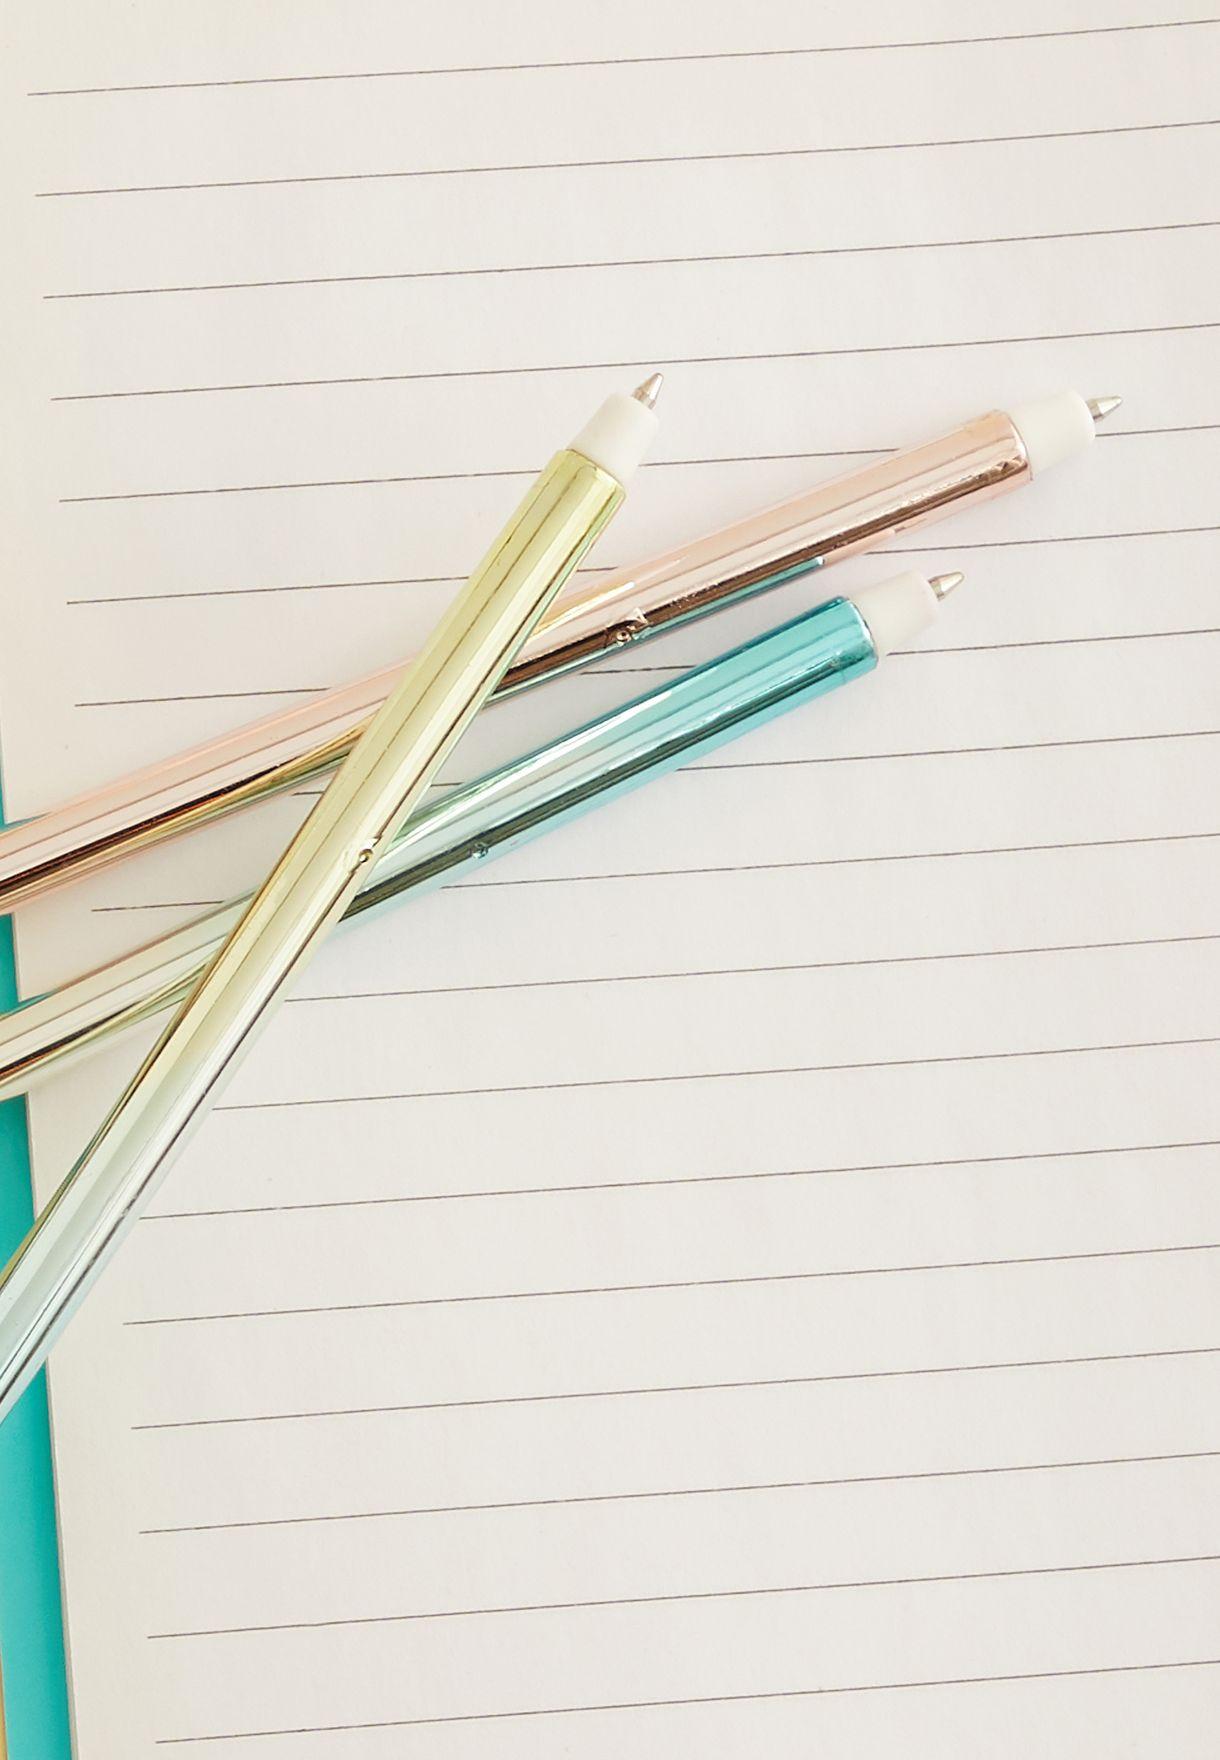 مجموعة أقلام حبر جاف عدد 3